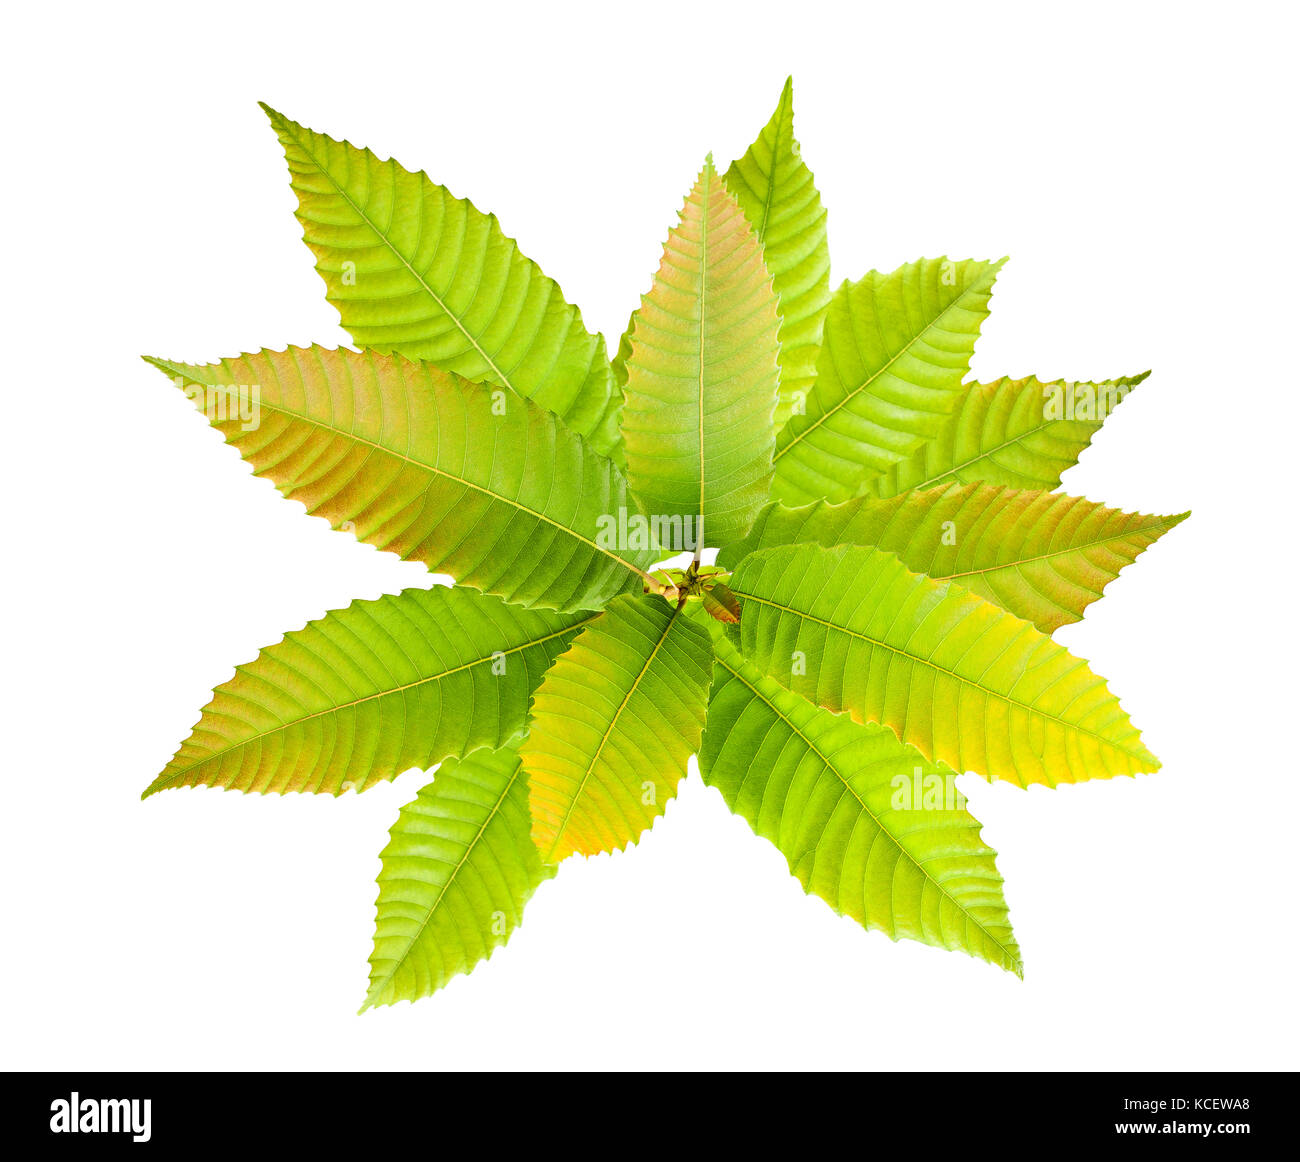 Rama de castaño con hojas en otoño aislado en blanco Foto de stock